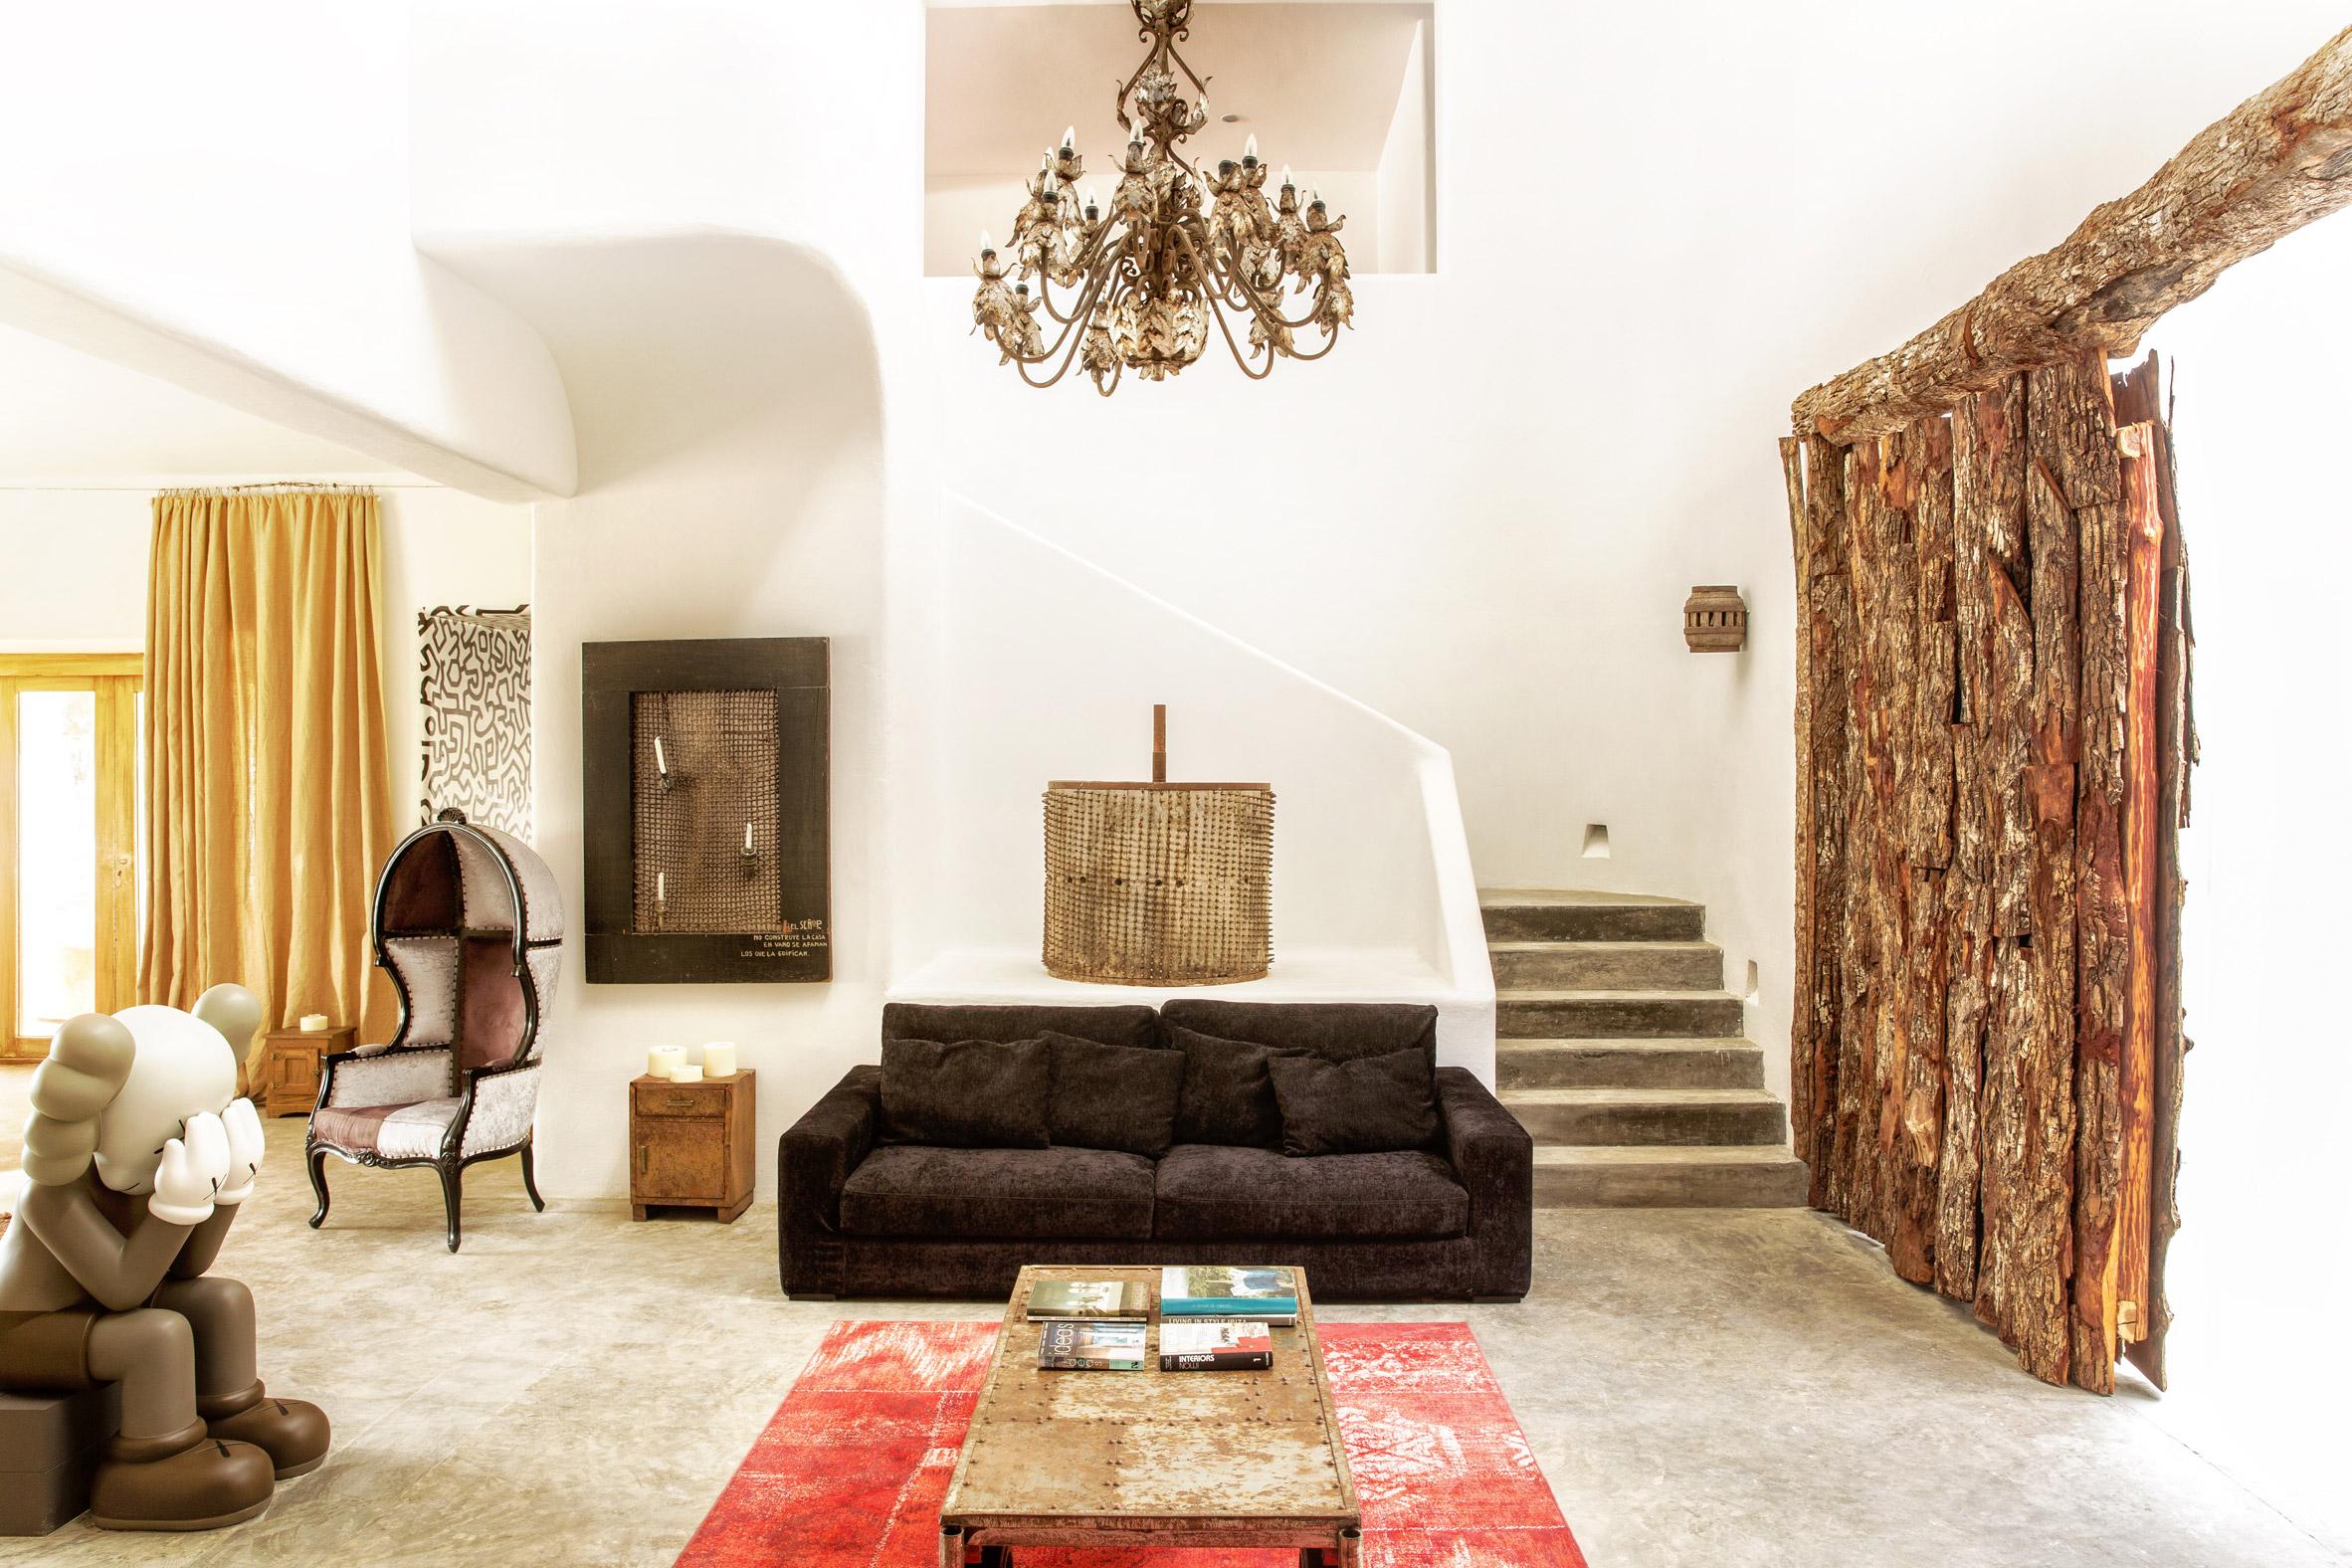 casa-malca-architecture-hotels-mexico_dezeen_2364_col_8